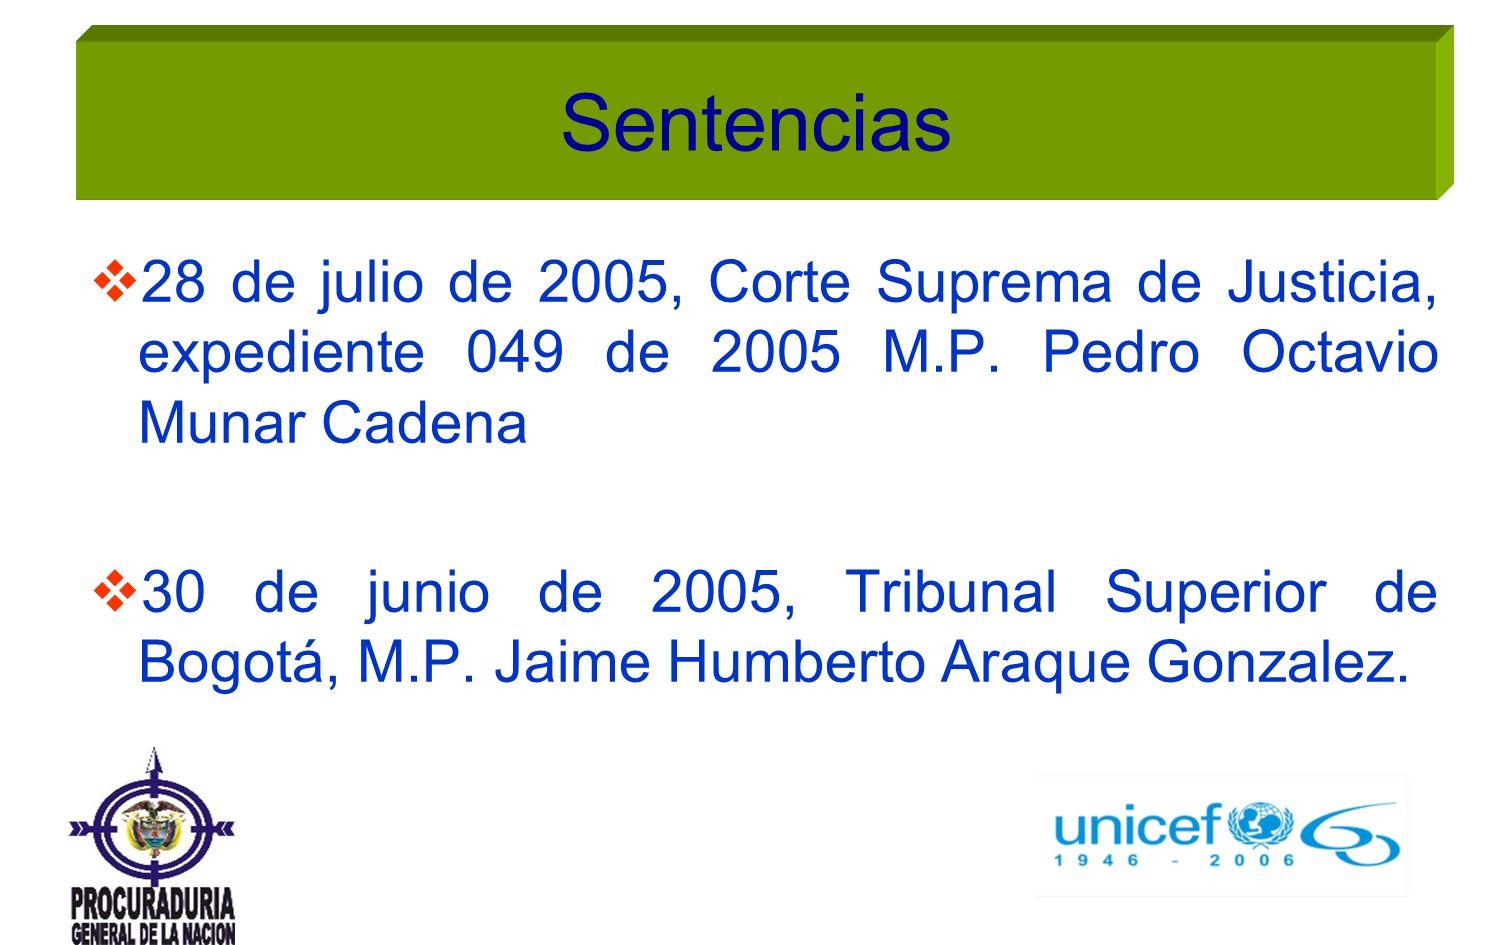 Sentencias 28 de julio de 2005, Corte Suprema de Justicia, expediente 049 de 2005 M.P. Pedro Octavio Munar Cadena 30 de junio de 2005, Tribunal Superi